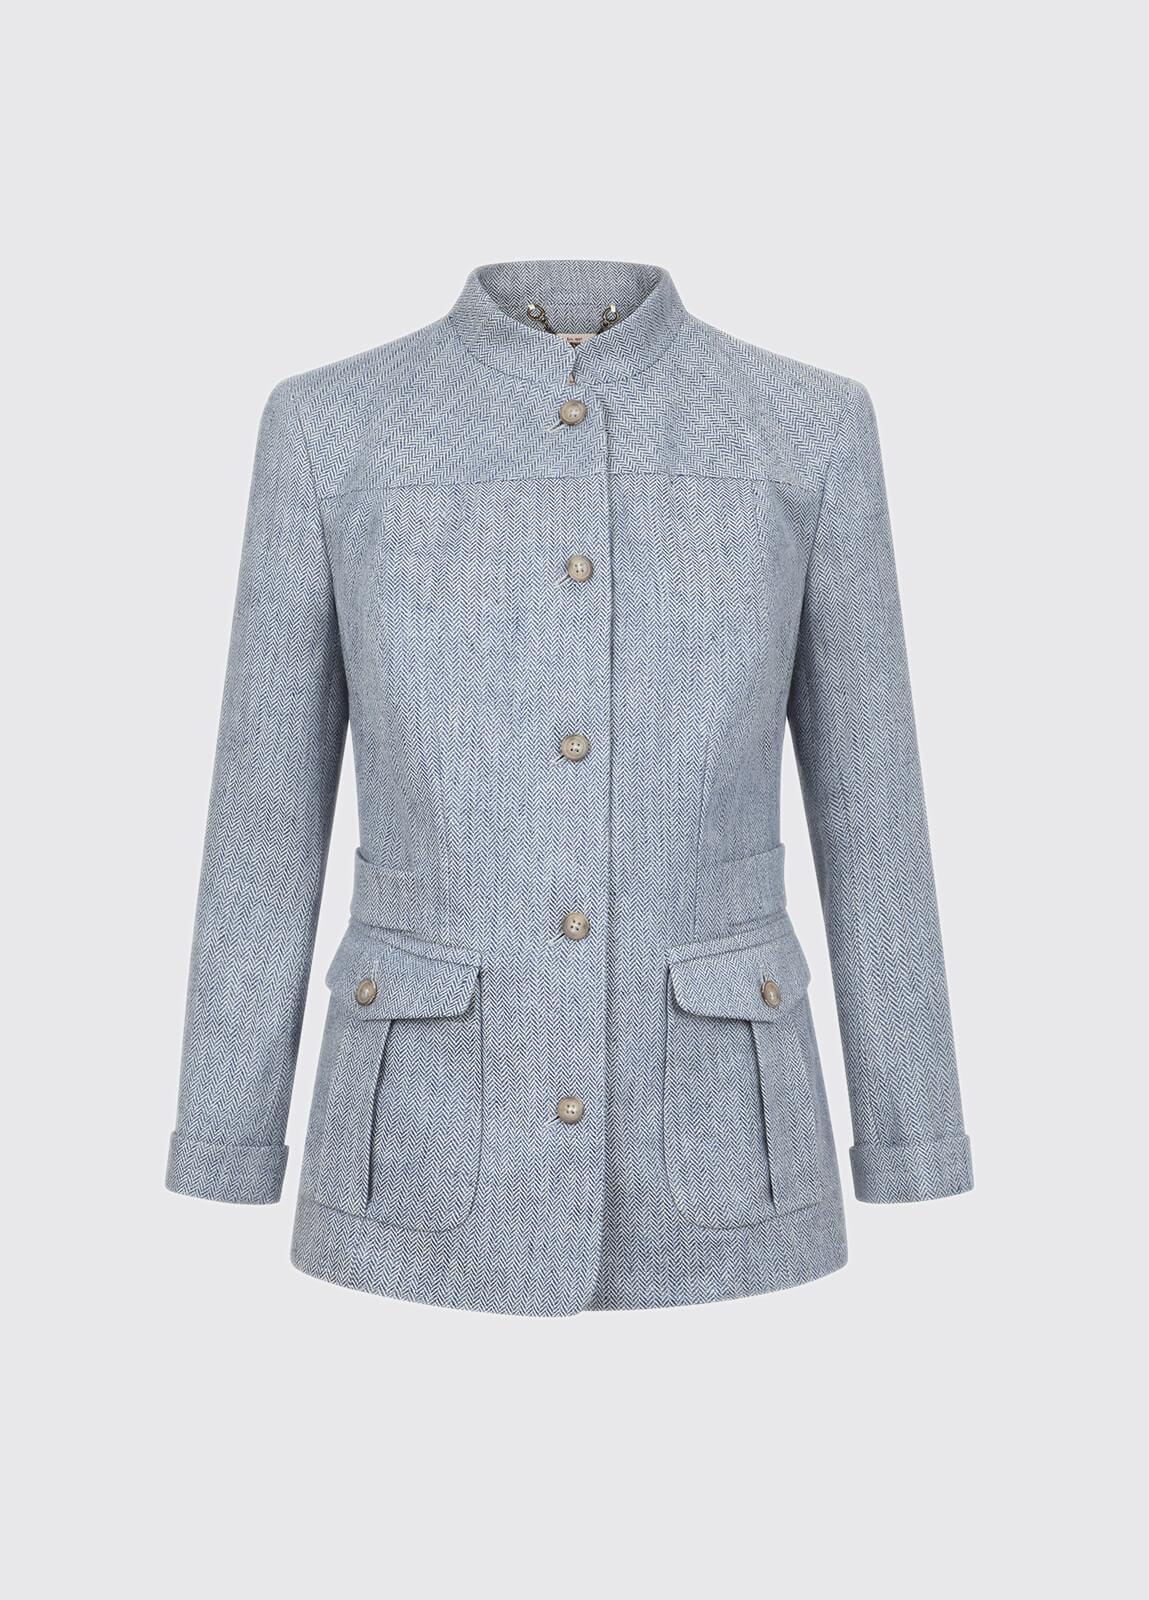 Malahide Women's Linen Jacket - Blue